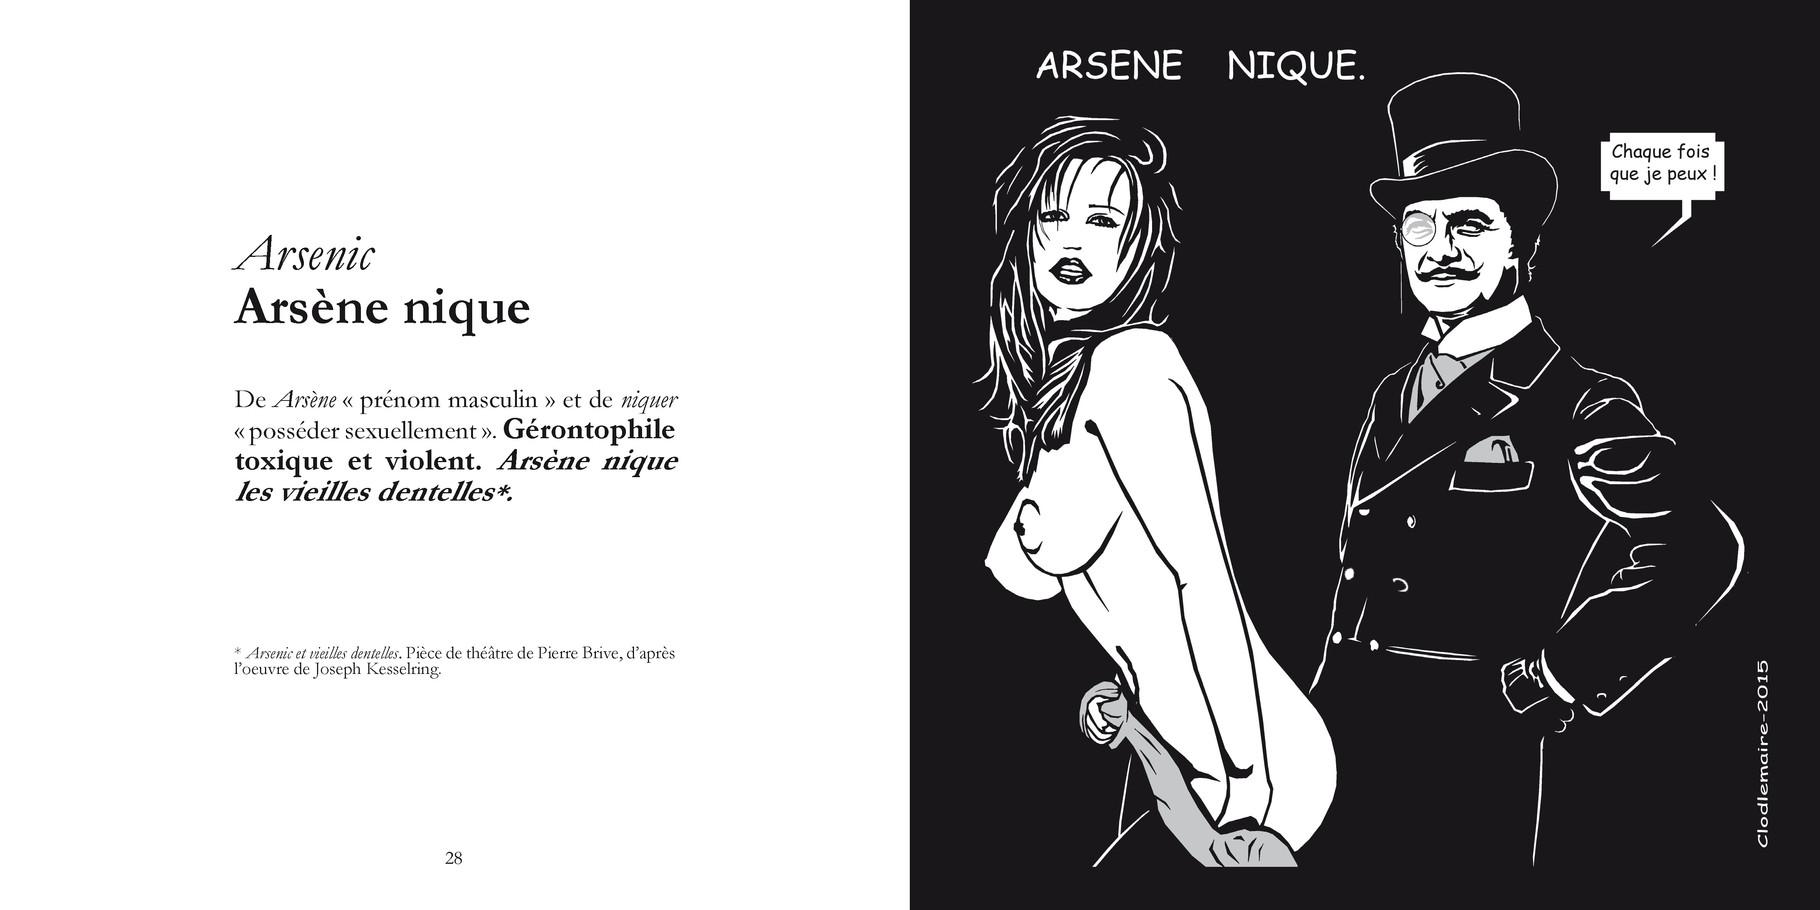 Arsenic - Arsène nique / P 28-29 du Bestof2 -Texte Edith - Dessin Clodlemaire. Droits réservés - Reproduction interdite